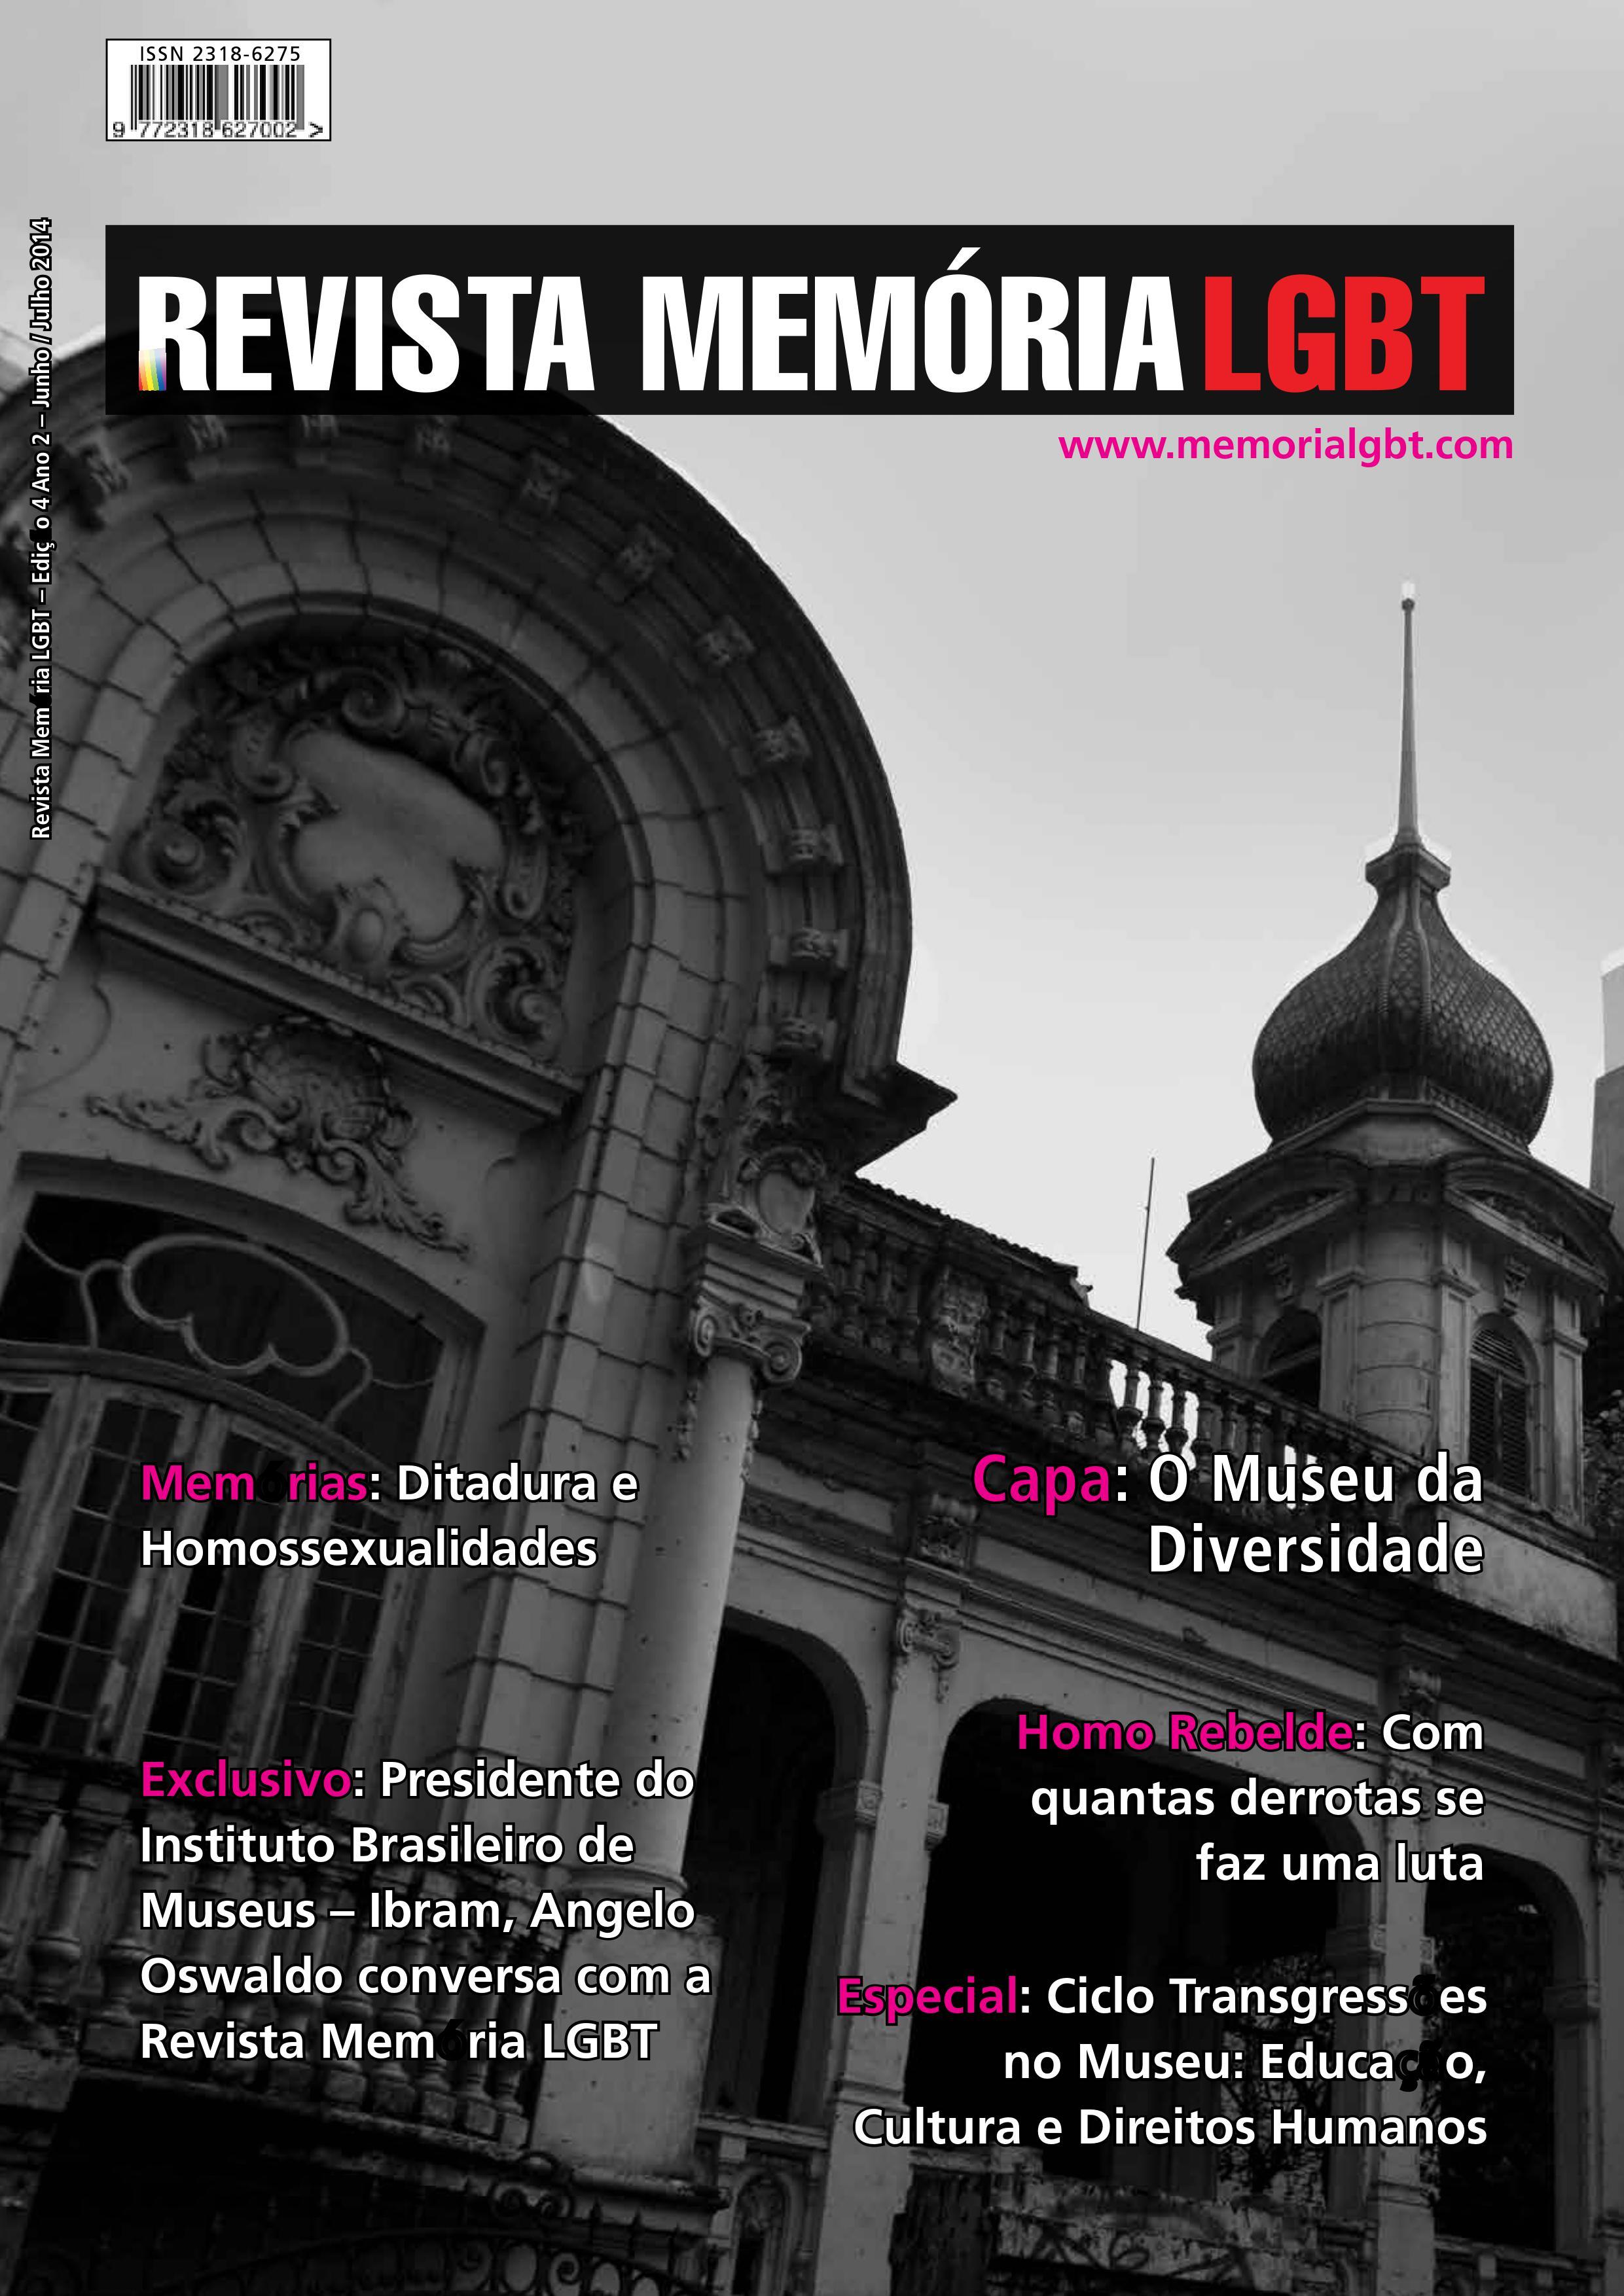 Revista Memória LGBT - Edição 4